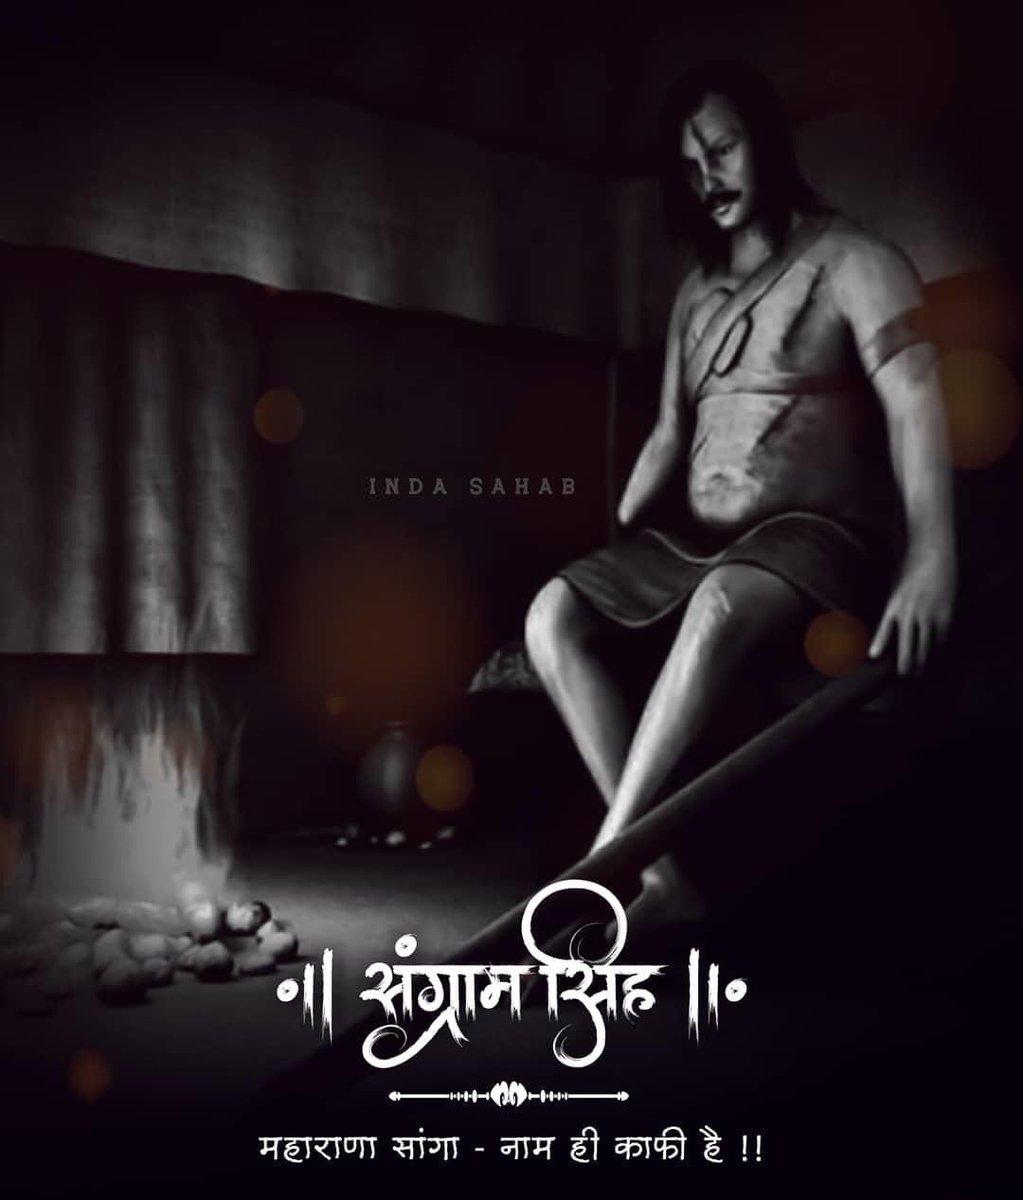 भारतवर्ष के महानतम शासक व महापराक्रमी योद्धा राणा सांगा राणा सांगा अदम्य साहसी थे,एक भुजा,एक आँख खोने व अनगिनत ज़ख्मों के बावजूद उन्होंने अपना महान पराक्रम नहीं खोया ! जय एकलिंग नाथ की जय मेवाड़ जय राजपूताना #RanaSanga pic.twitter.com/oTdaKBj3j6